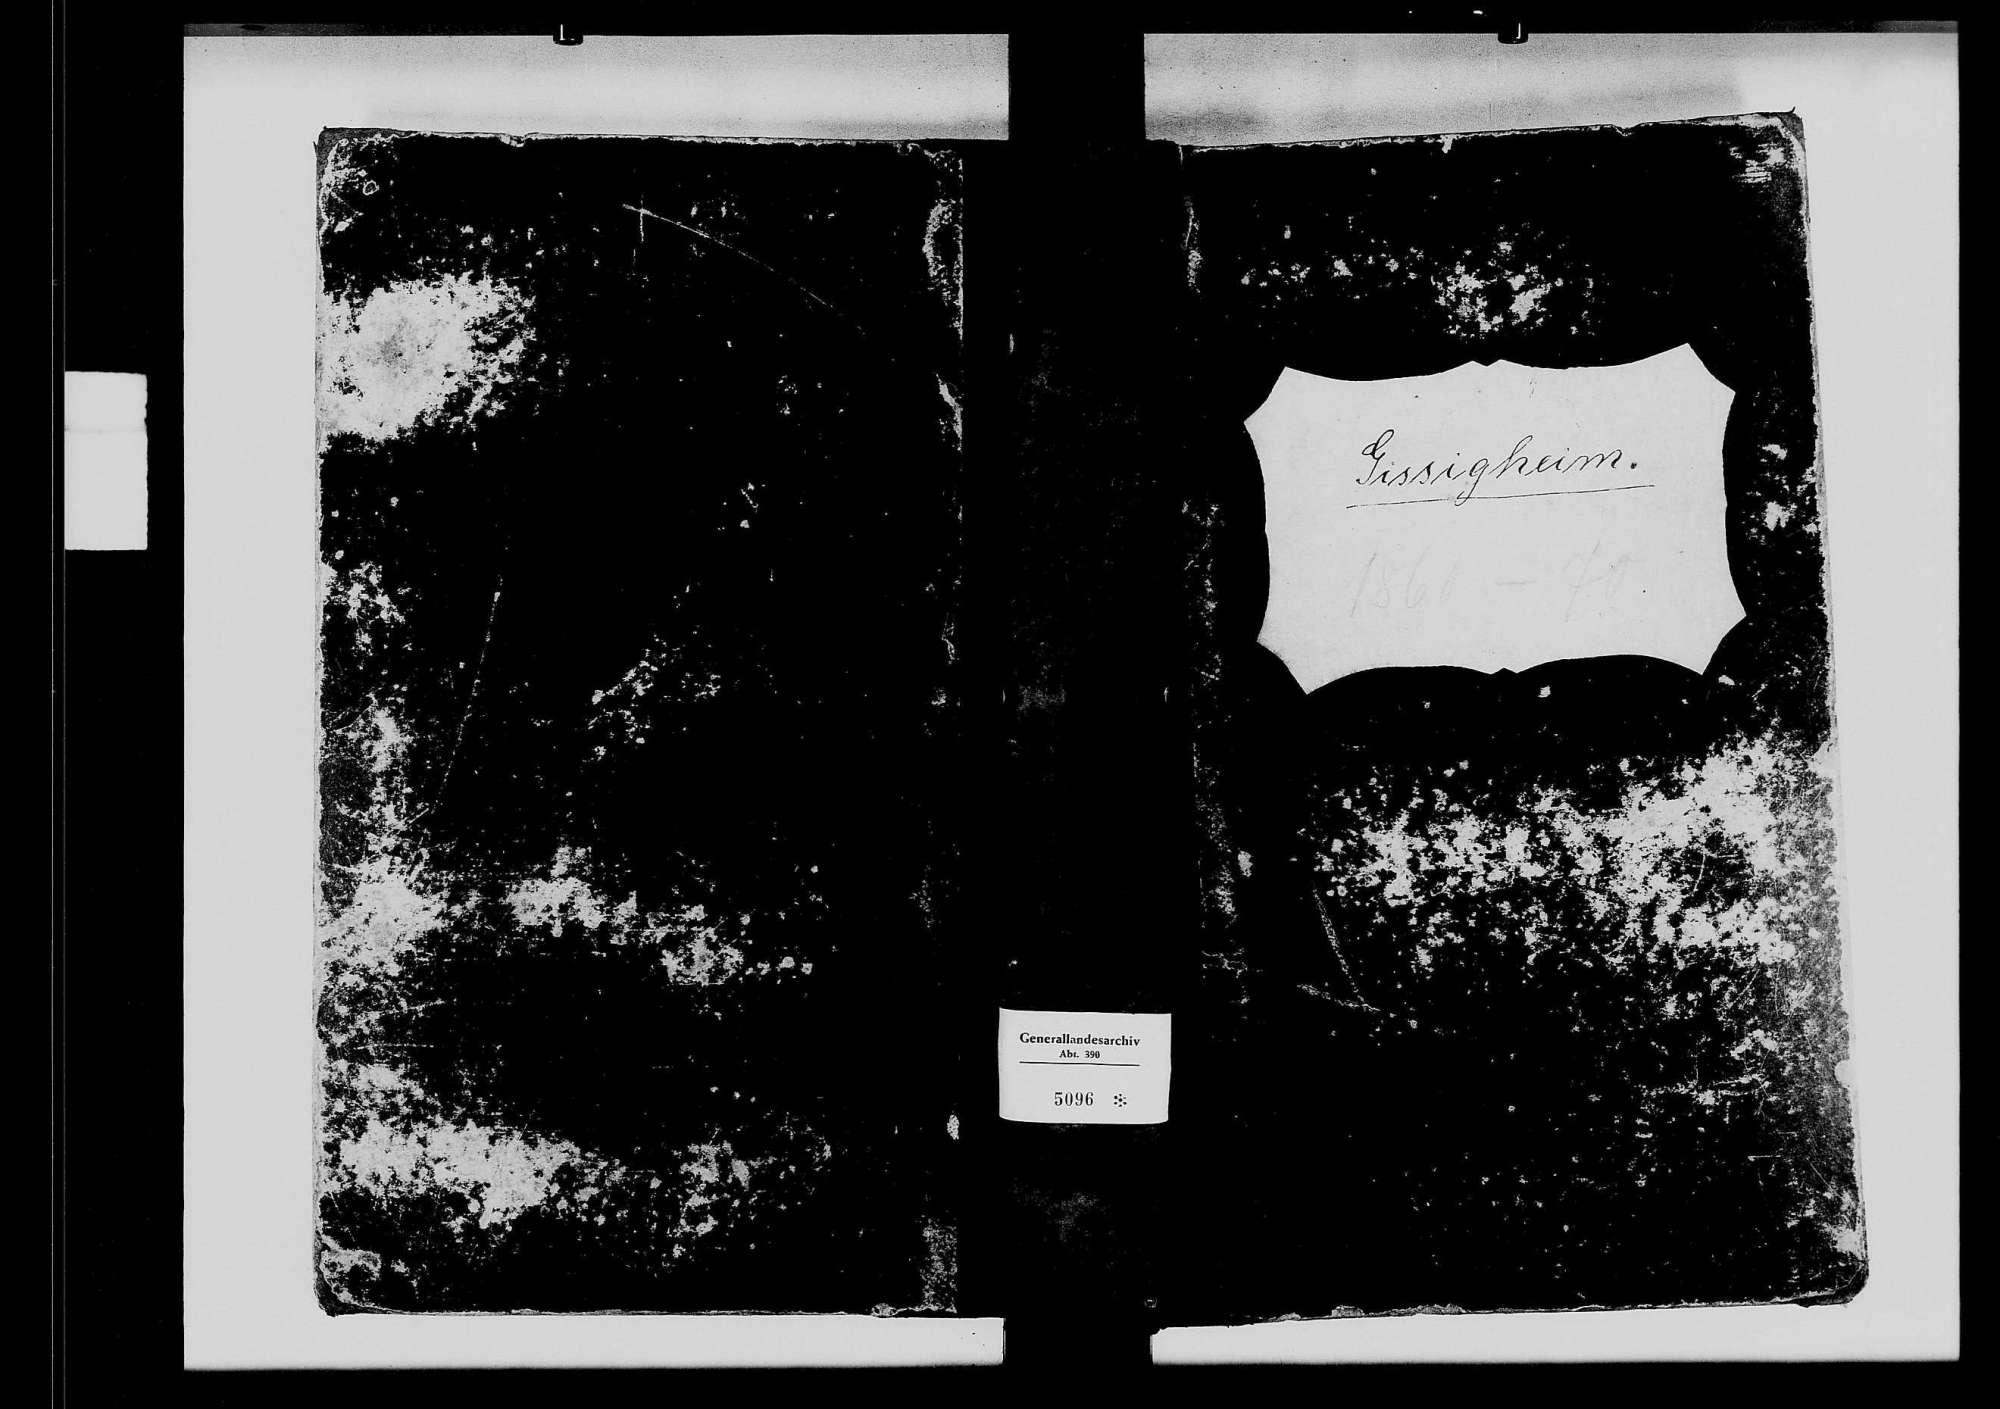 Gissigheim, katholische und israelitische Gemeinde: Standesbuch 1860-1870, Bild 2